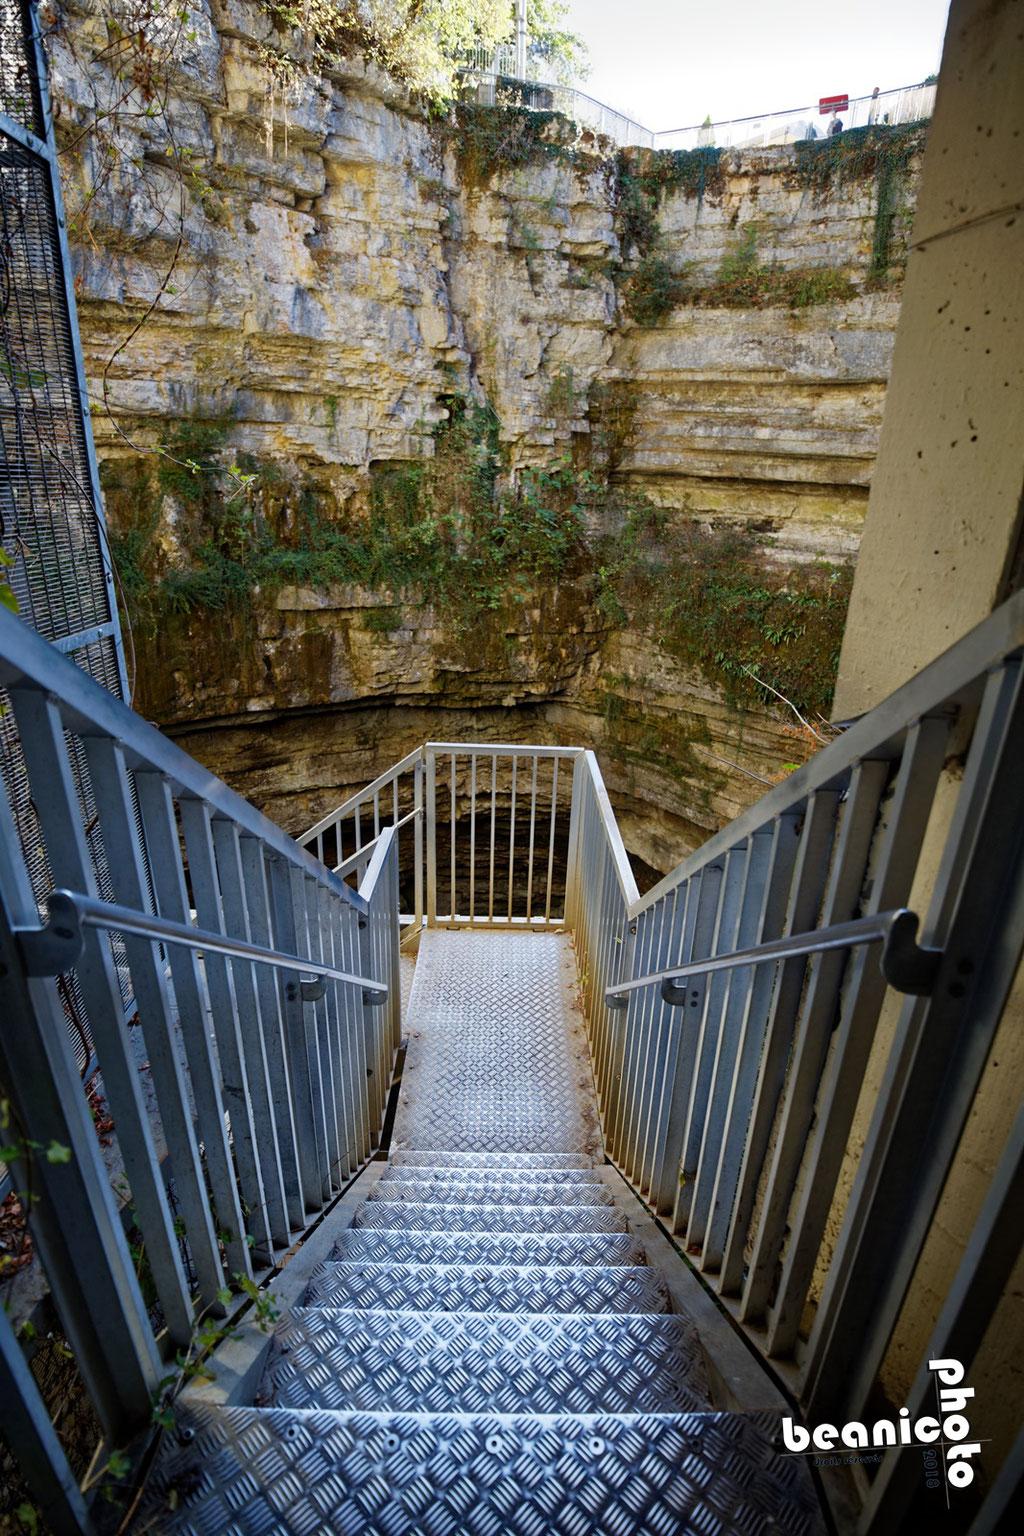 Carnet de voyage Lot et Dordogne - Gouffre de Padirac - www.beanico-photo.fr